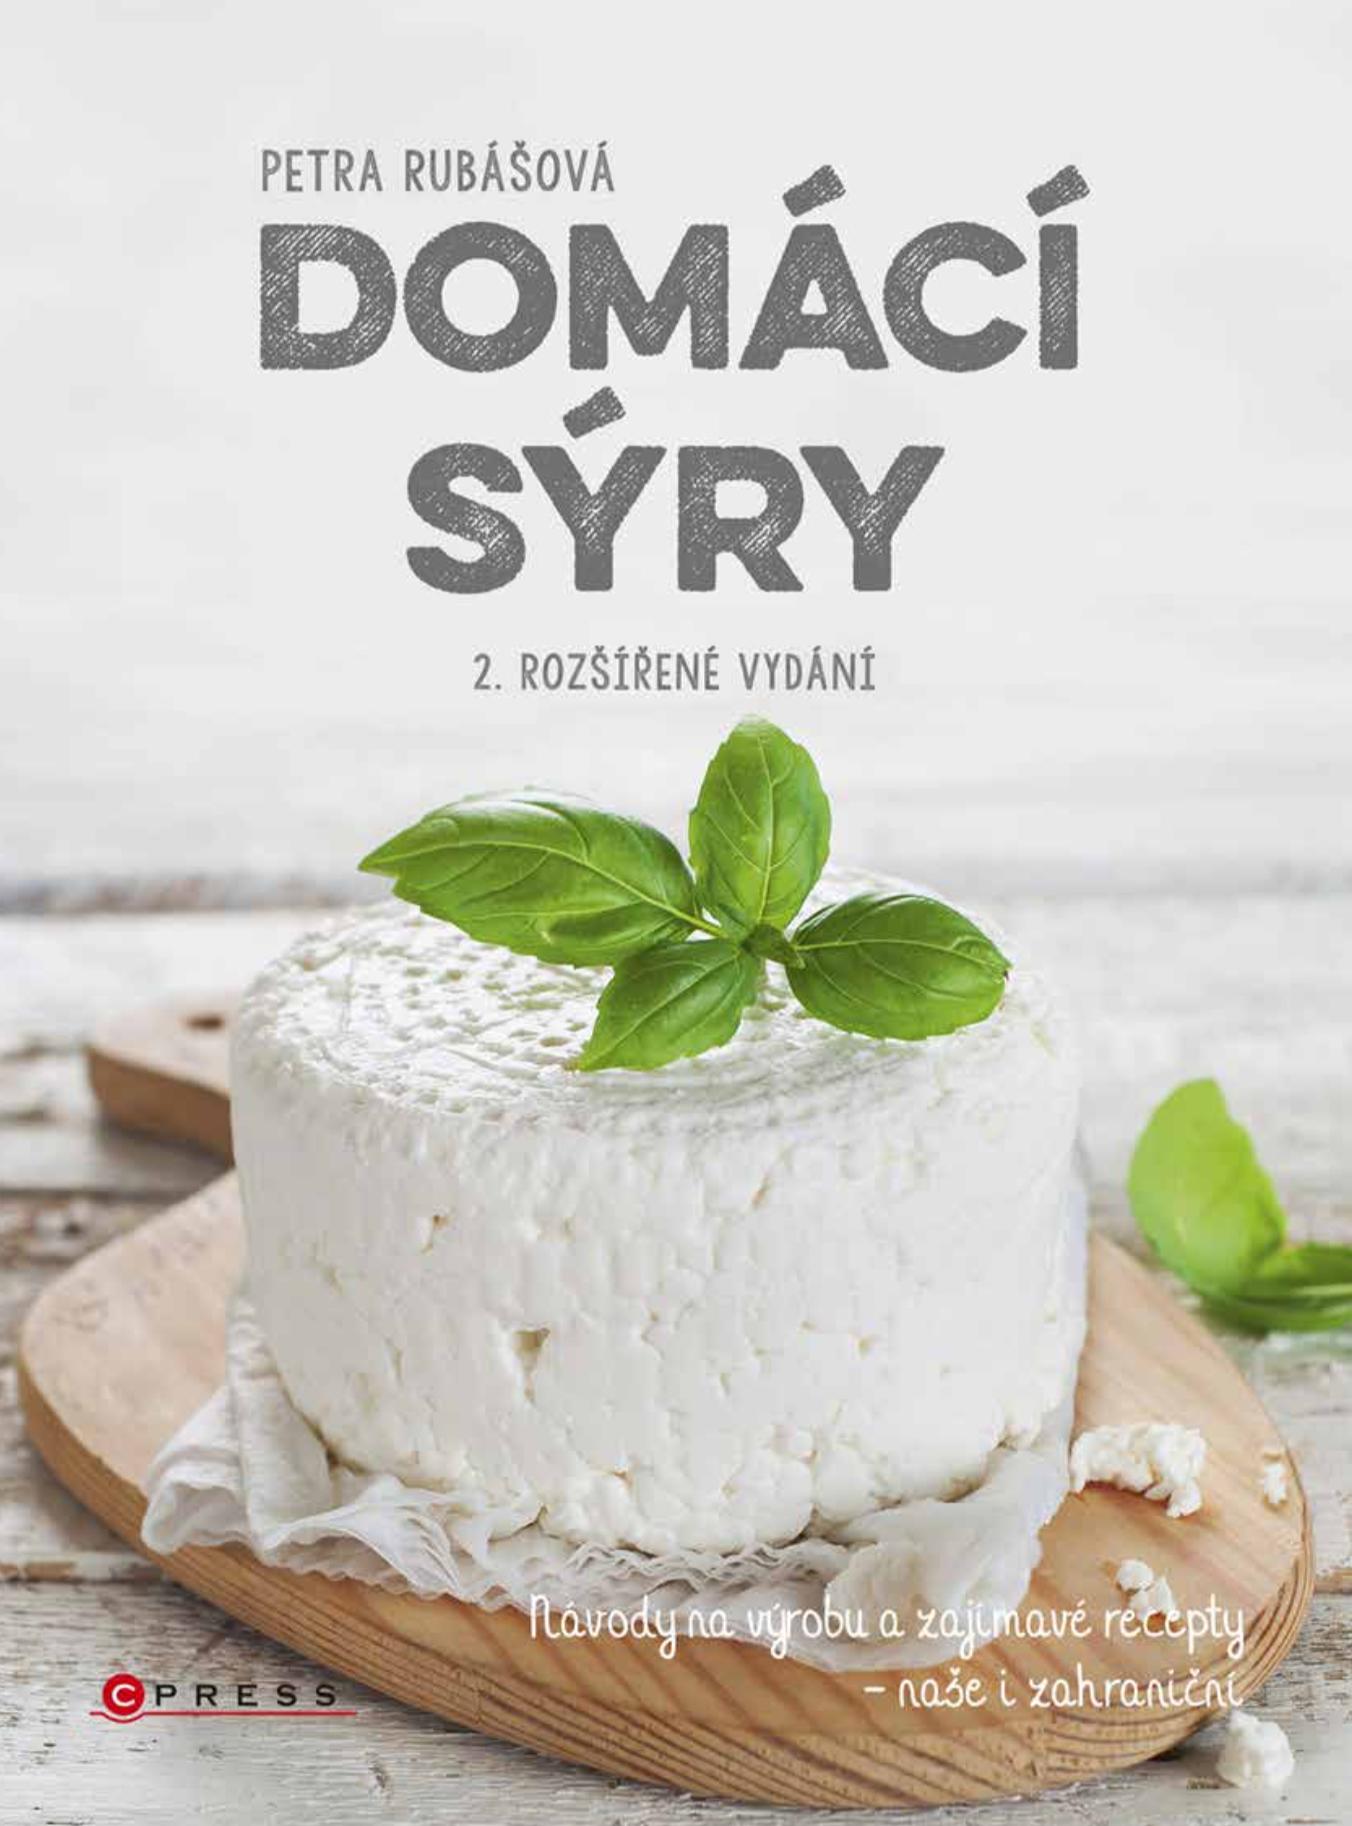 Domácí sýry, 2. rozšířené vydání - Petra Rubášová